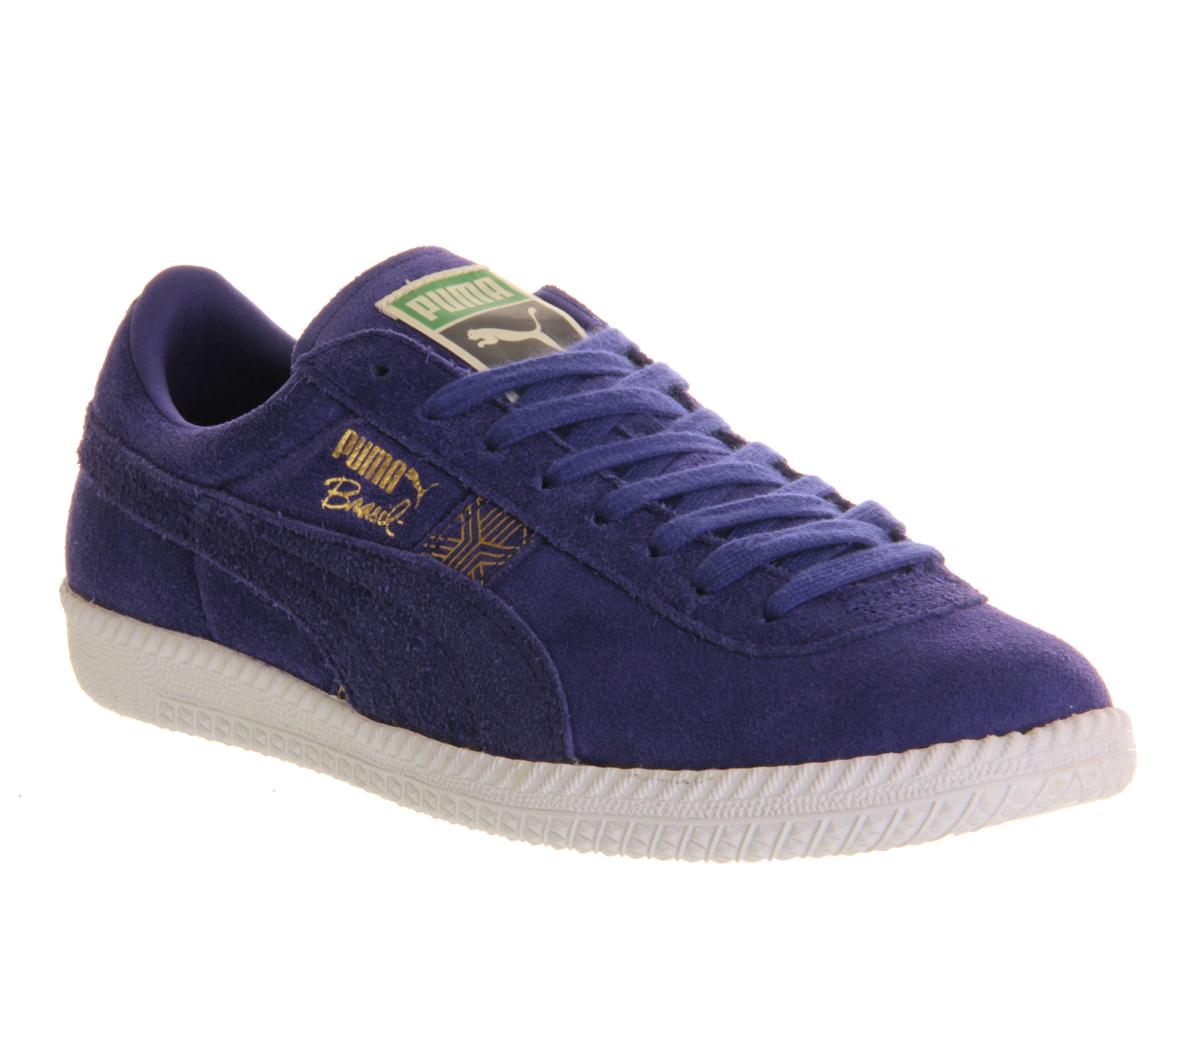 Unisex-Puma-Brazil-SPECTRUM-BLUE-SUEDE-Trainers-Shoes